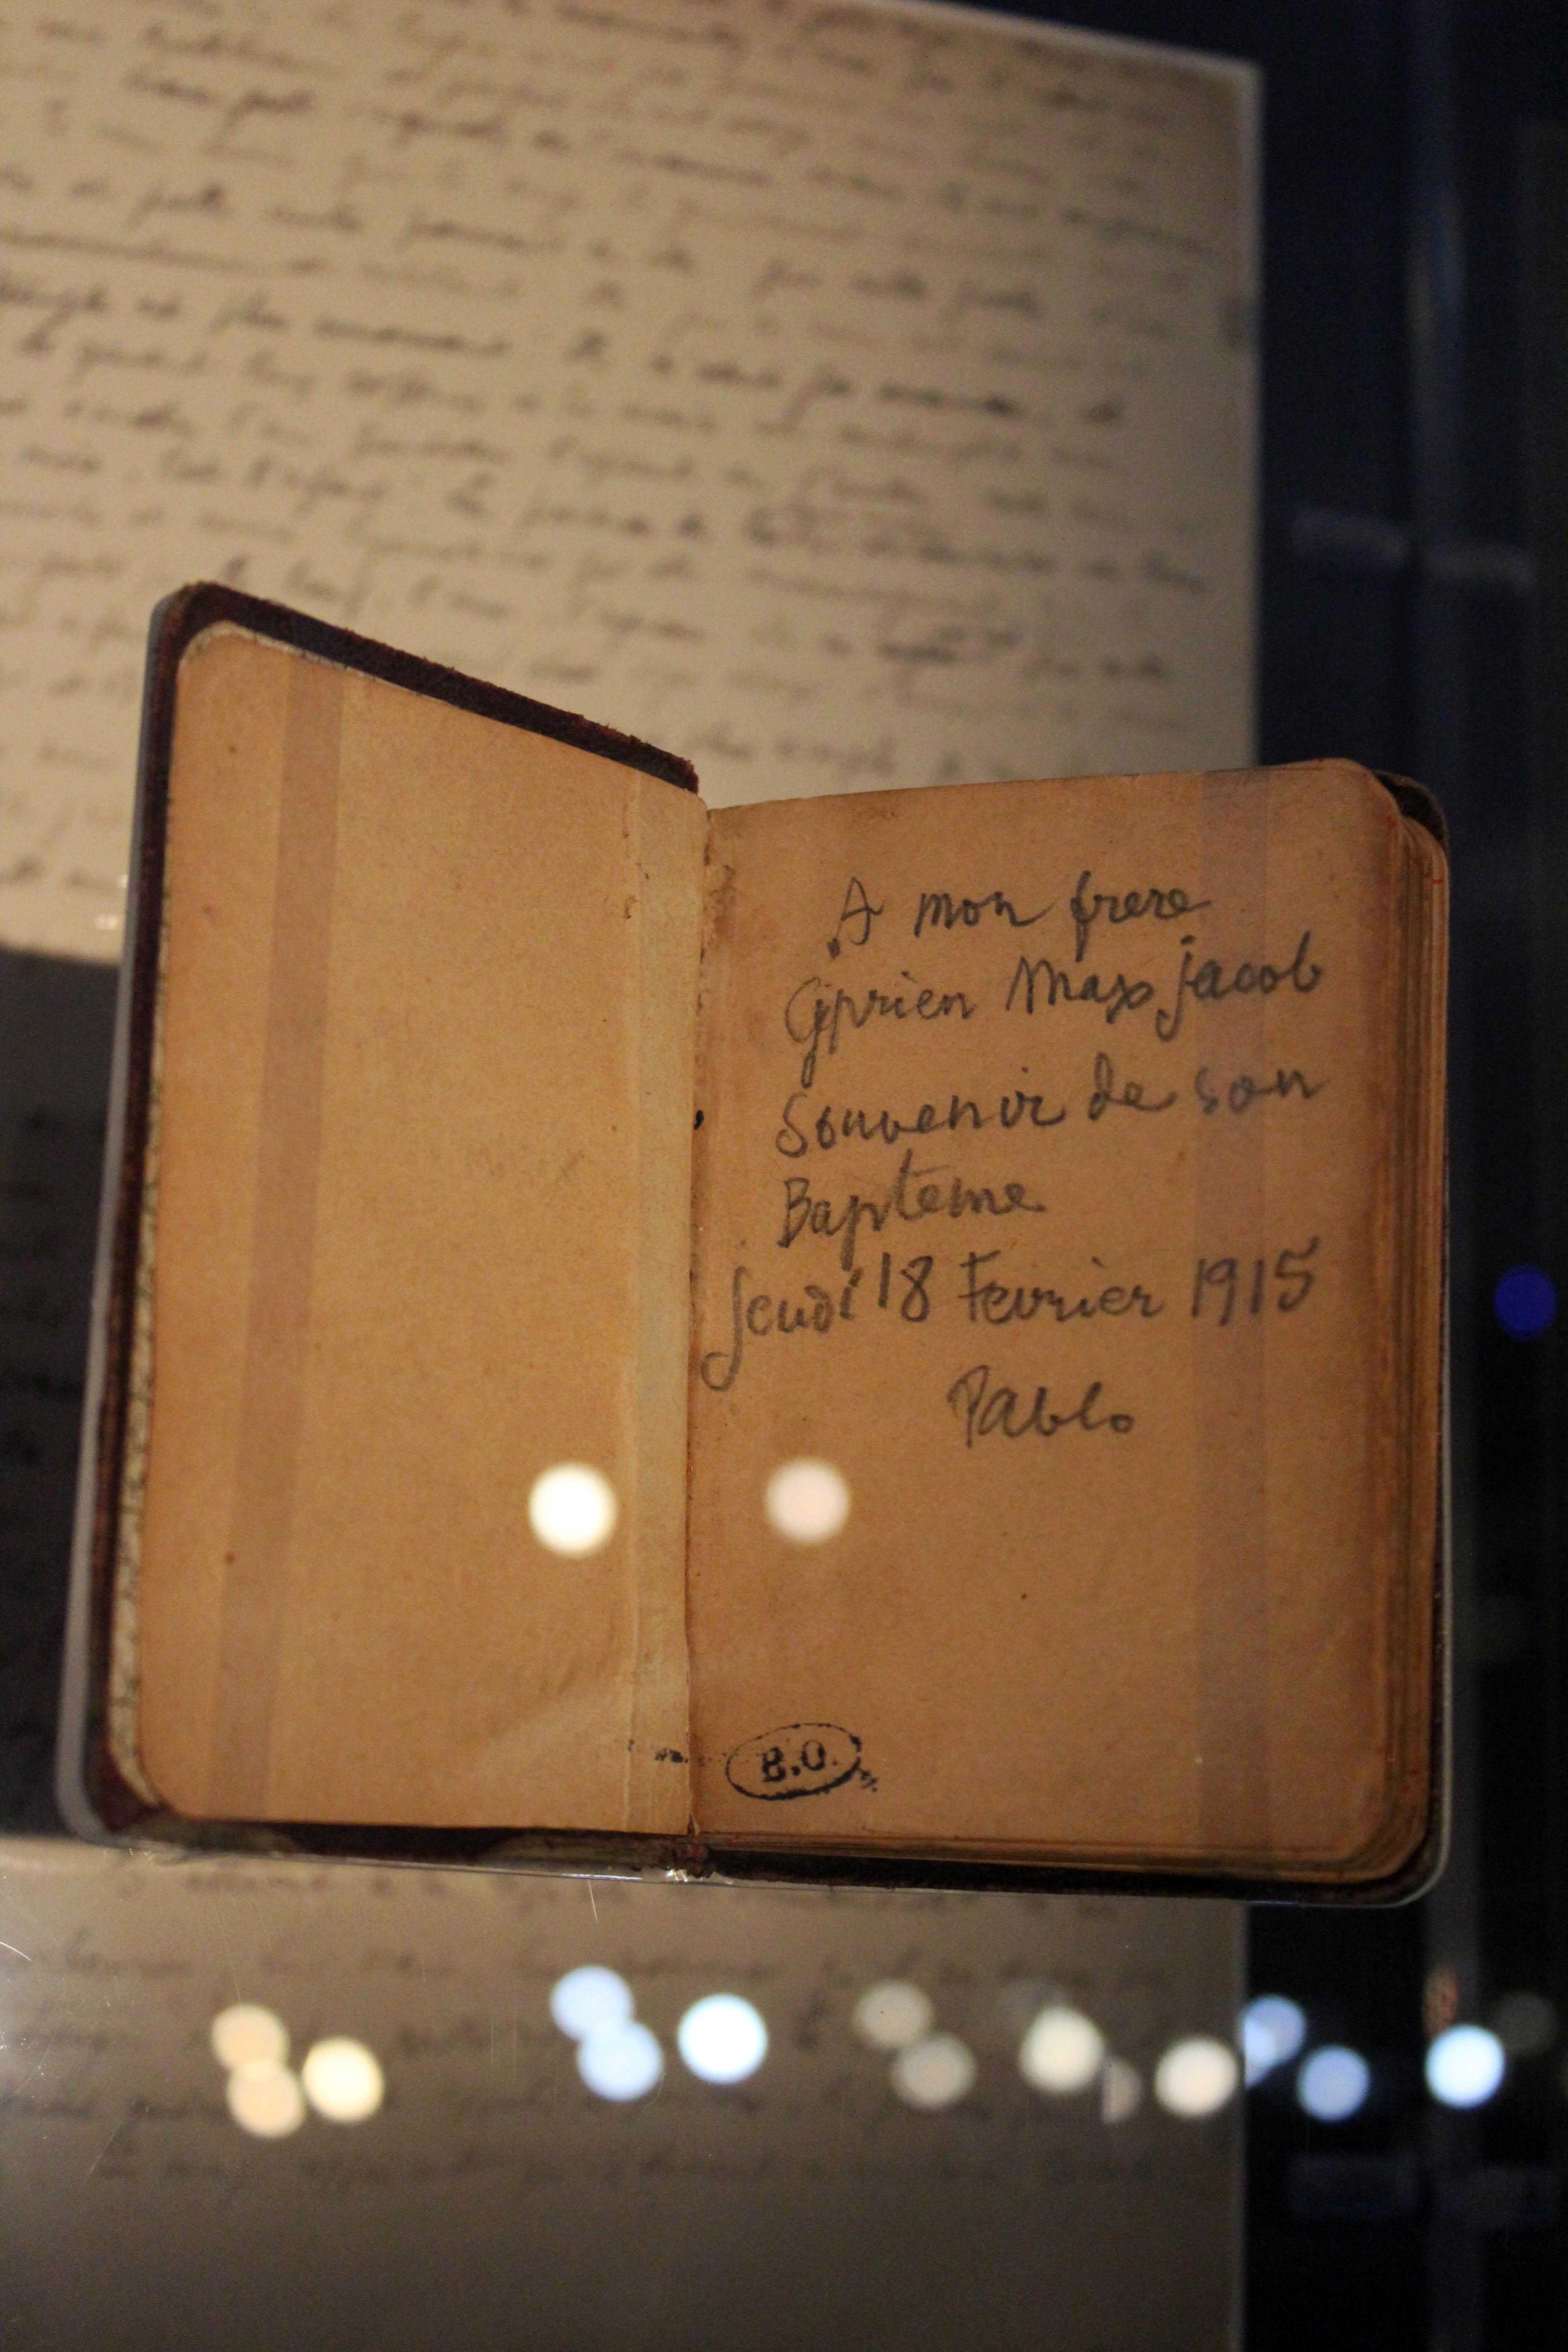 """""""A mio fratello Cyprien Max Jacob Ricordo del suo battesimo Giovedì 18 febbraio 1915 Pablo"""""""